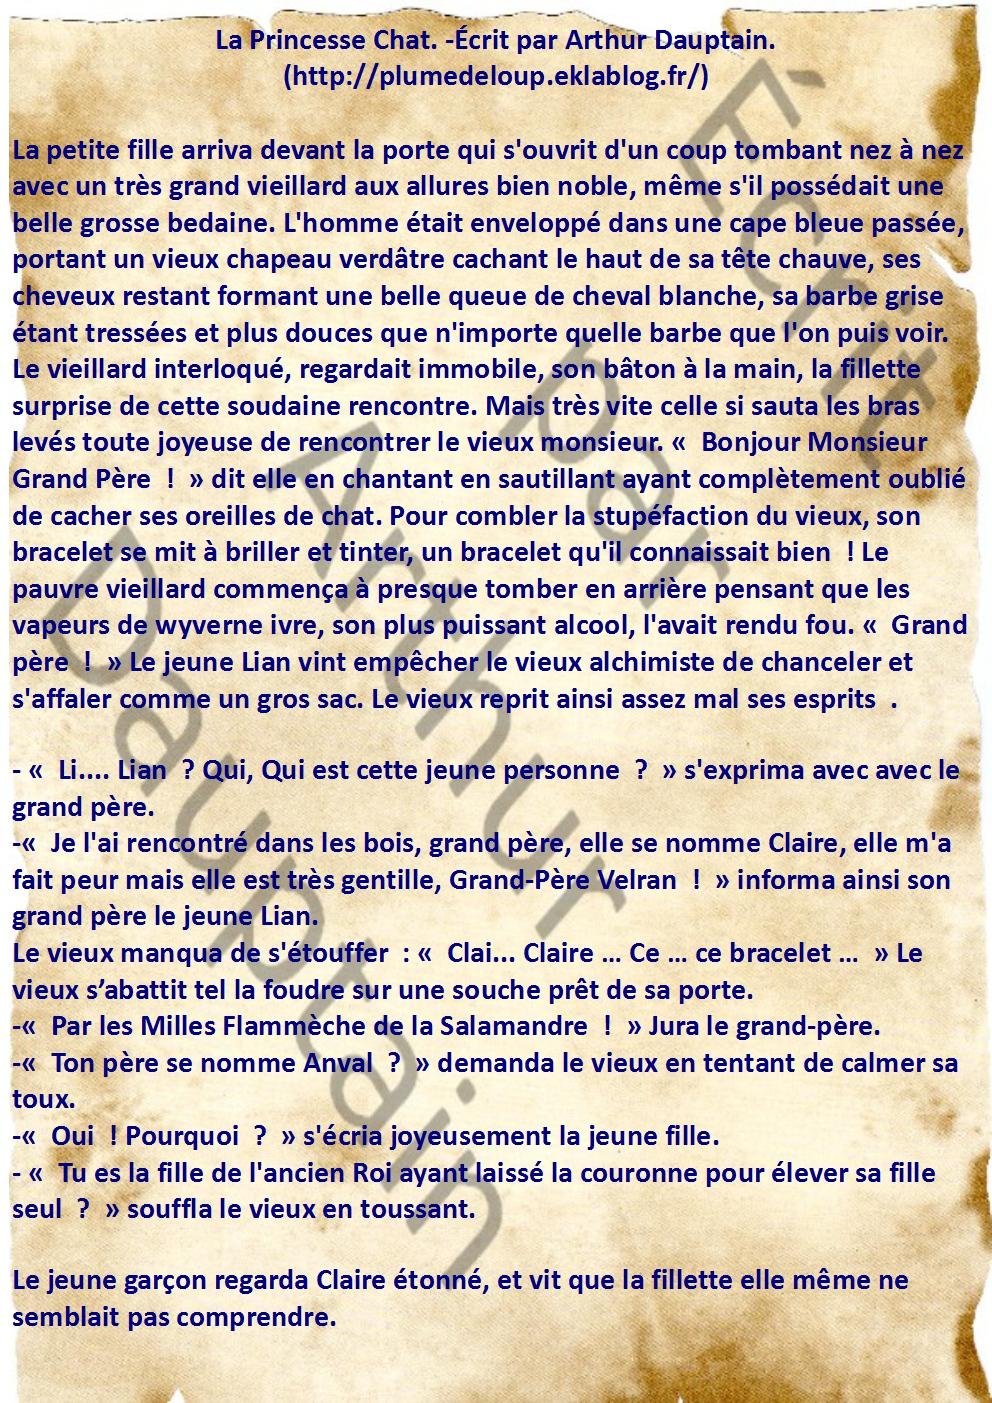 La Princesse Chat: Chapitre 2, Bois d'Enfance